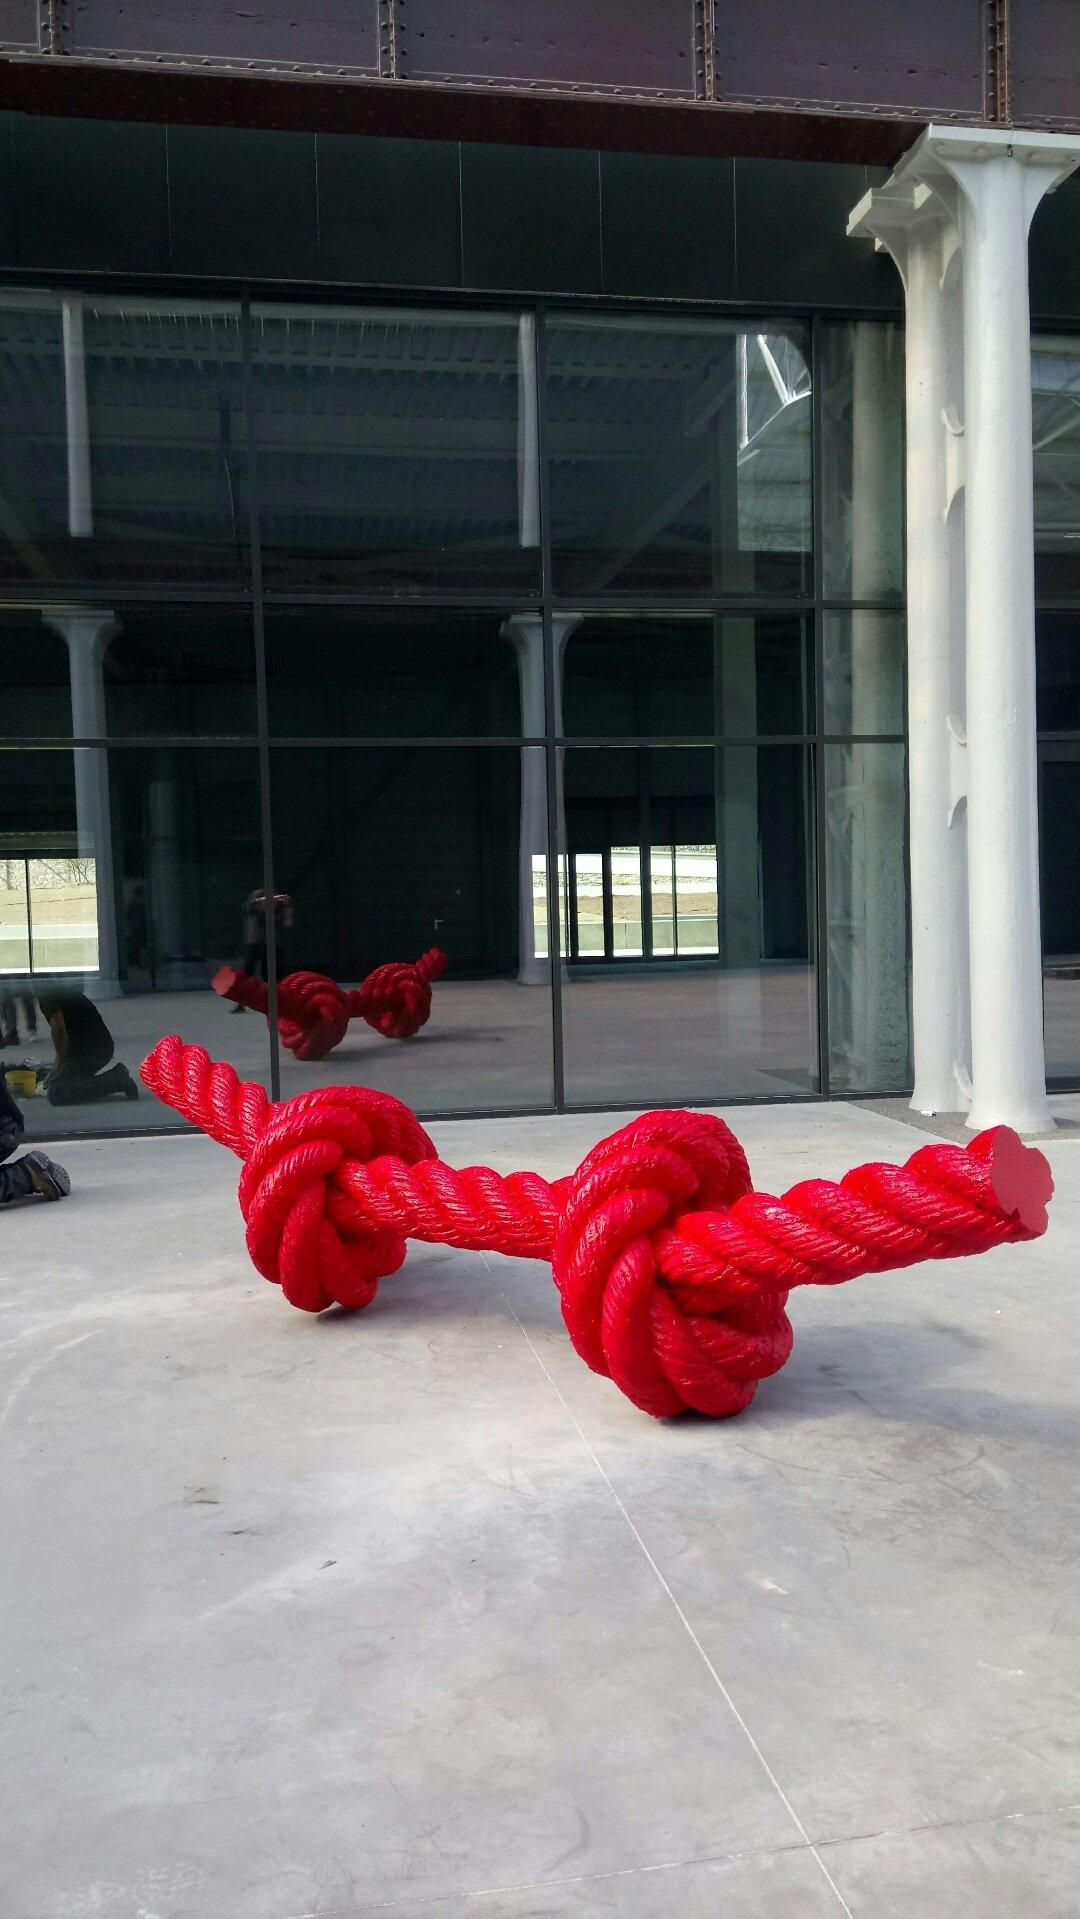 Pose de l'œuvre Double Noeud  de Lilian Bourgeat, sculpteur dijonnais, sur Hall 1. (mise en œuvre d'art :   Belugart)